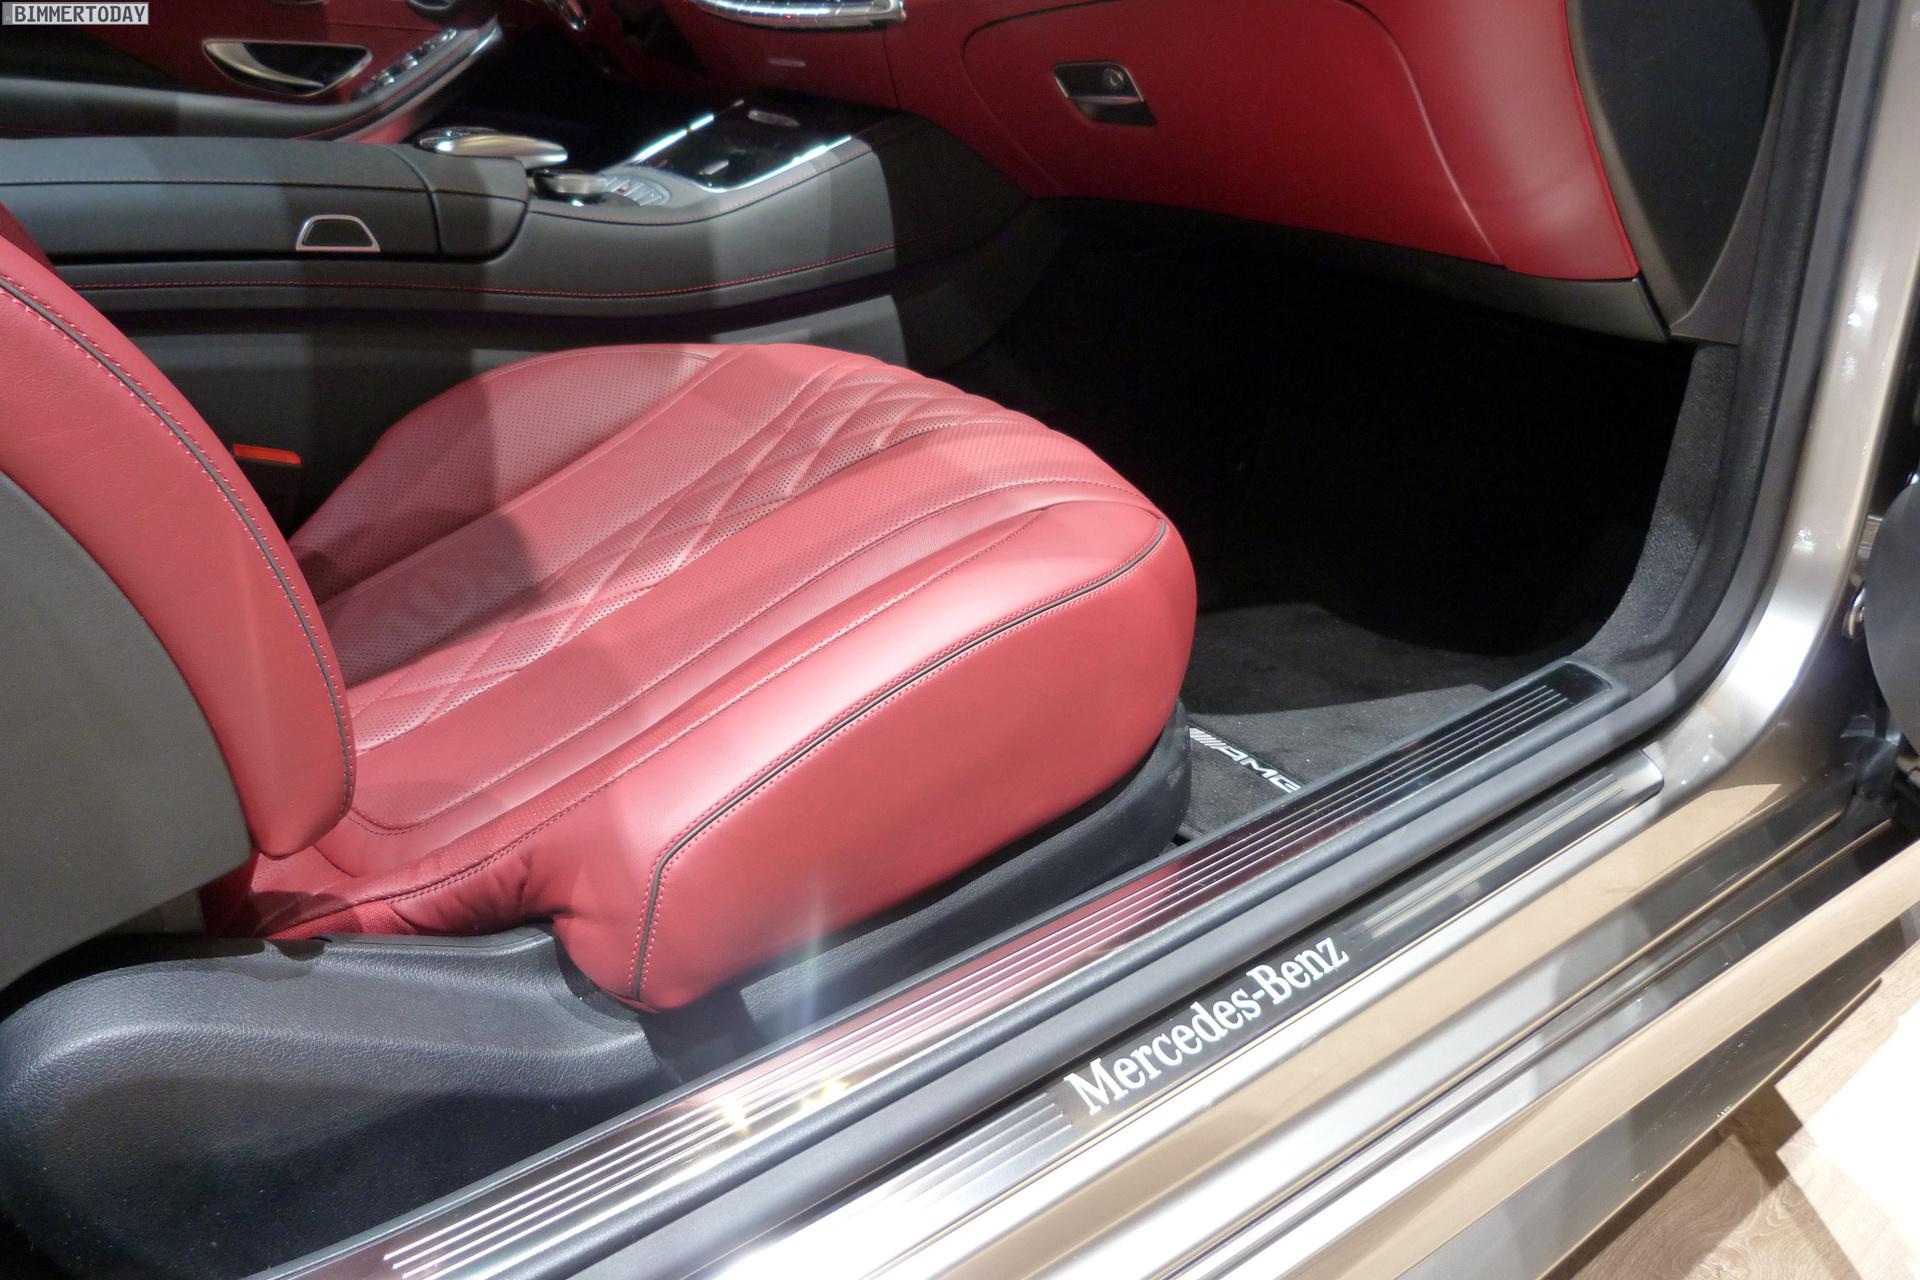 2014 Mercedes Benz S Klasse Coupe Genf Autosalon Live Fotos 24